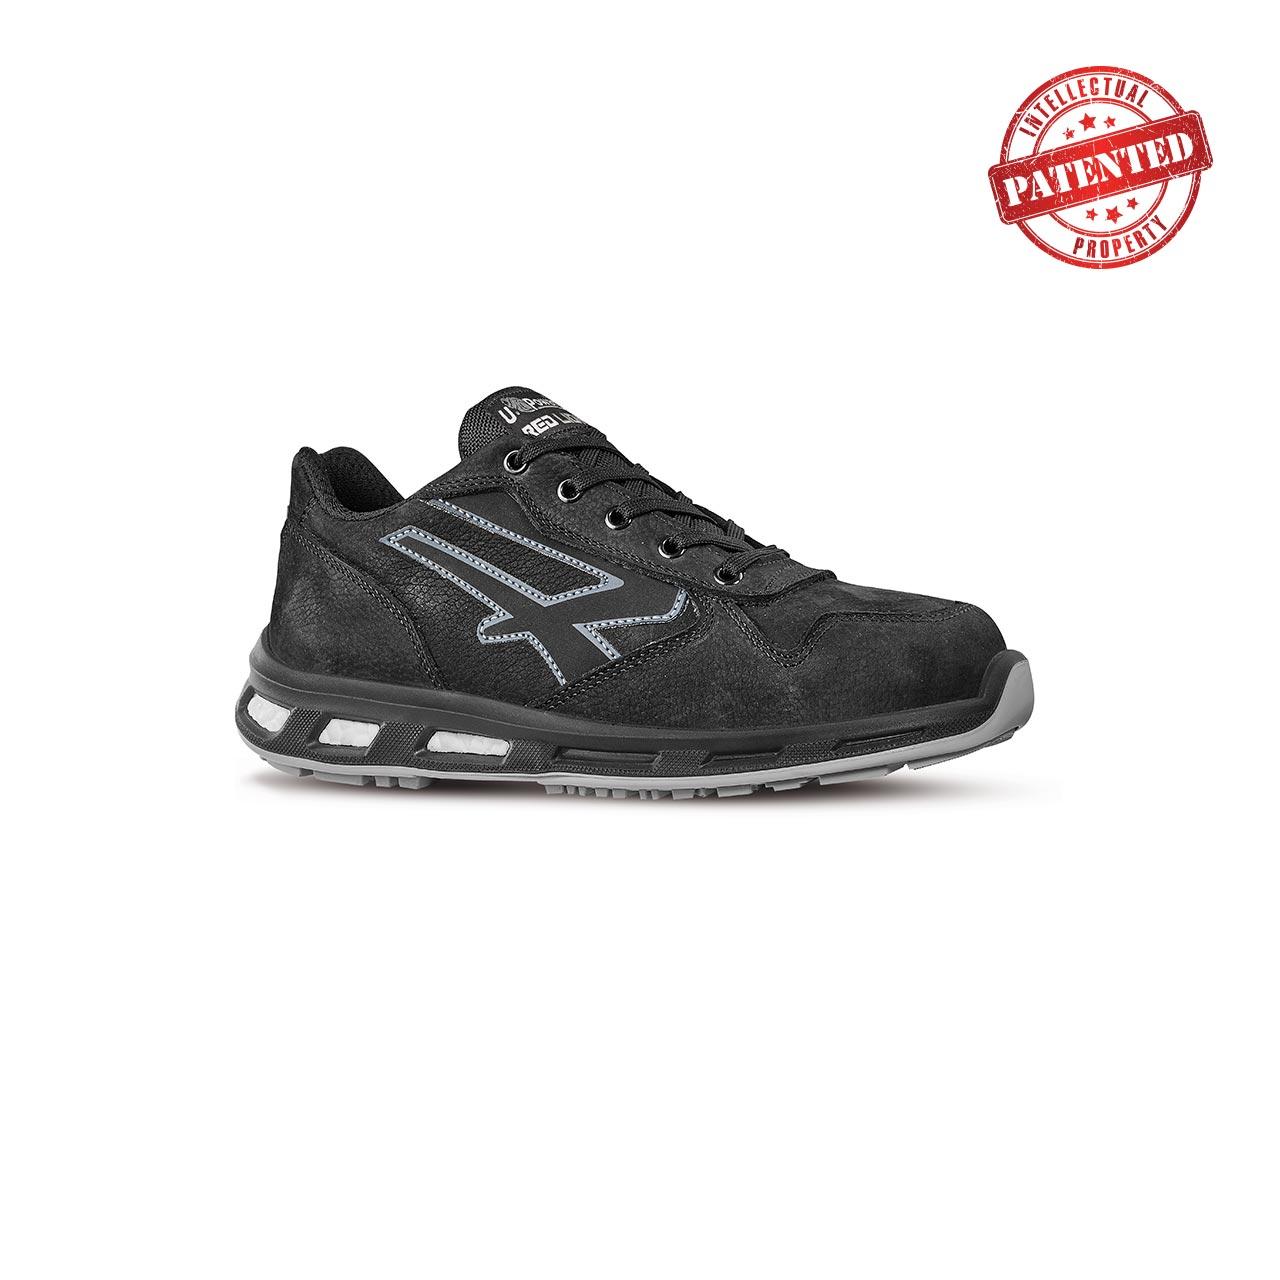 scarpa antinfortunistica upower modello carbon linea redlion vista laterale